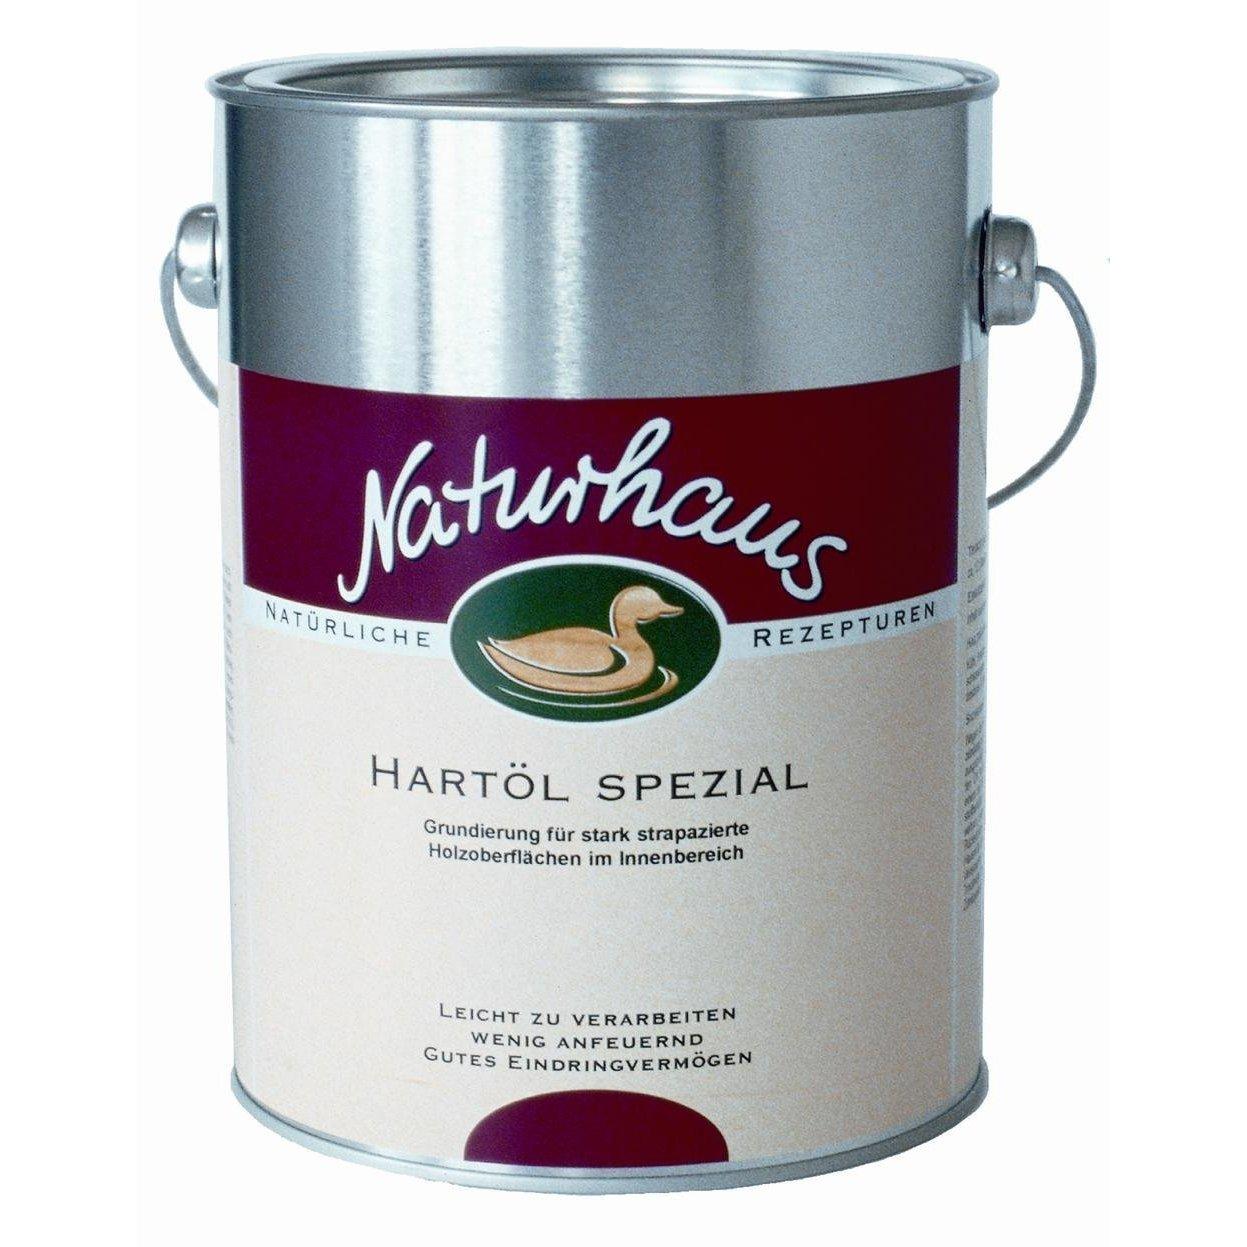 Naturhaus Hartöl Spezial 2,5 L  BaumarktKundenbewertung und Beschreibung